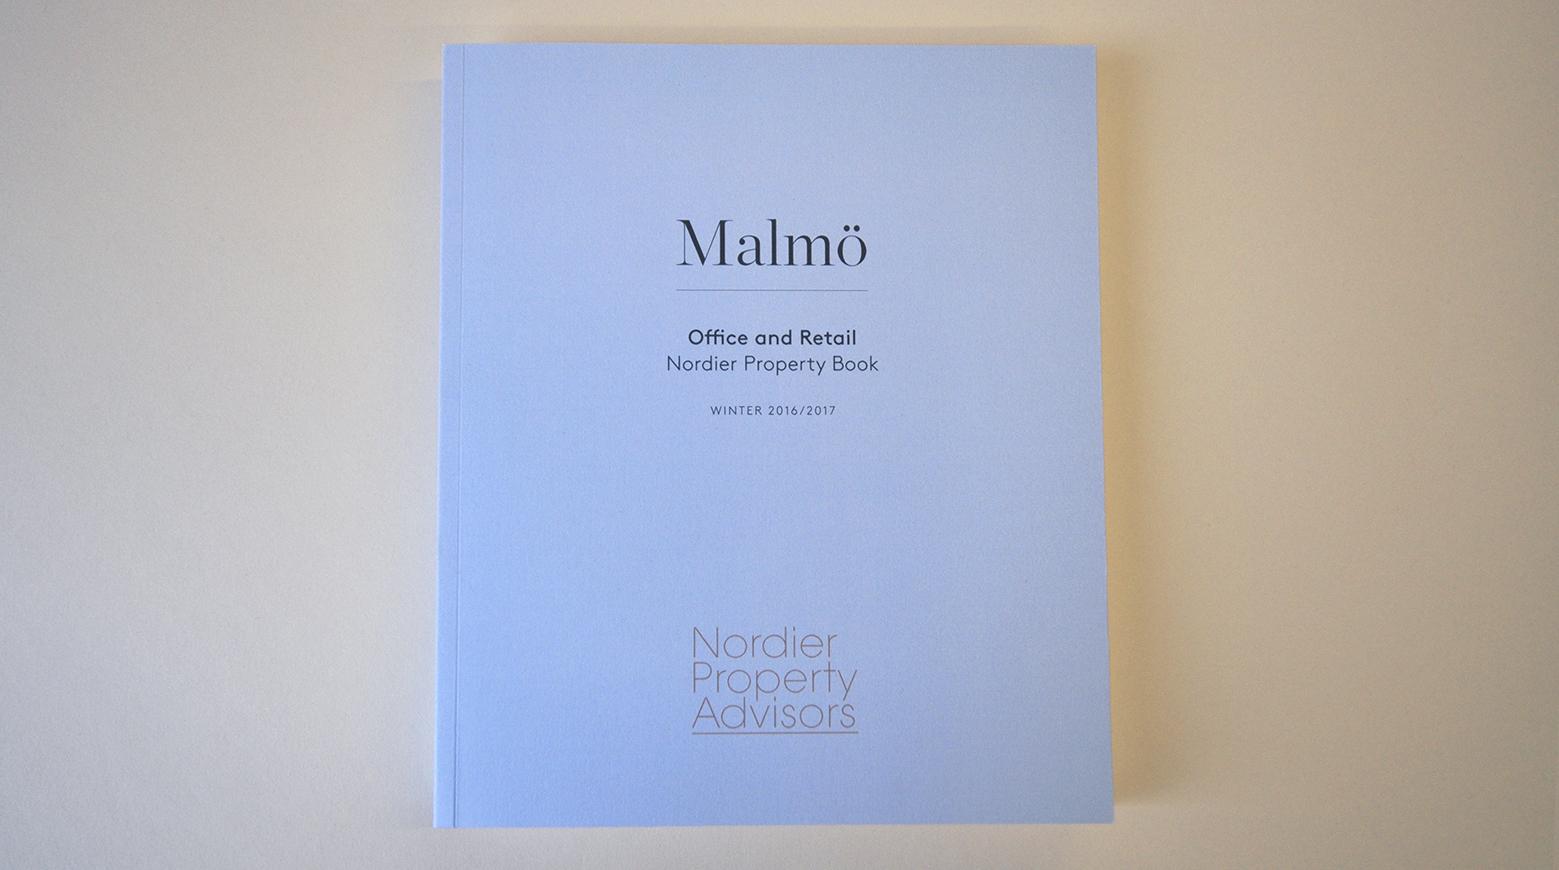 Nordier_Malmöboken_3.jpg